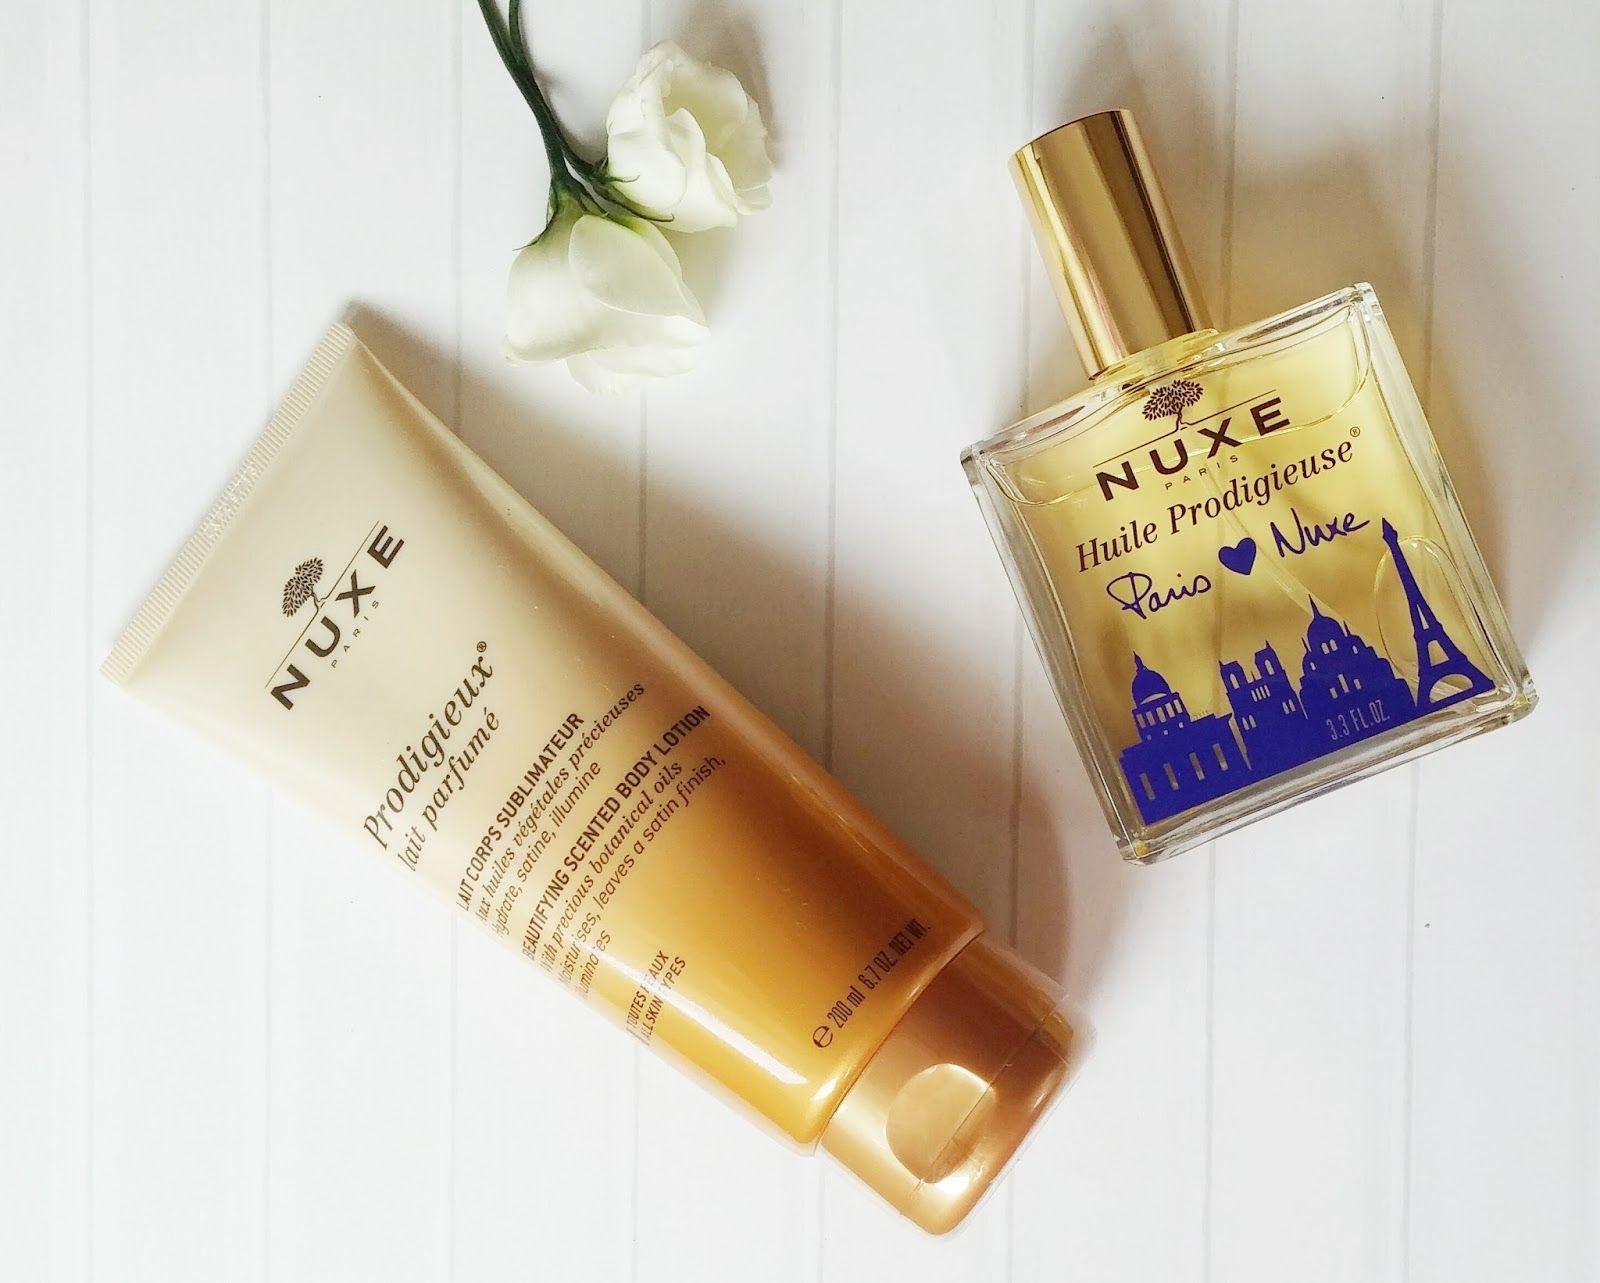 Leche corporal perfumada Prodigieux, Edición limitada Paris loves NUXE Huile Prodigieuse, nuxe